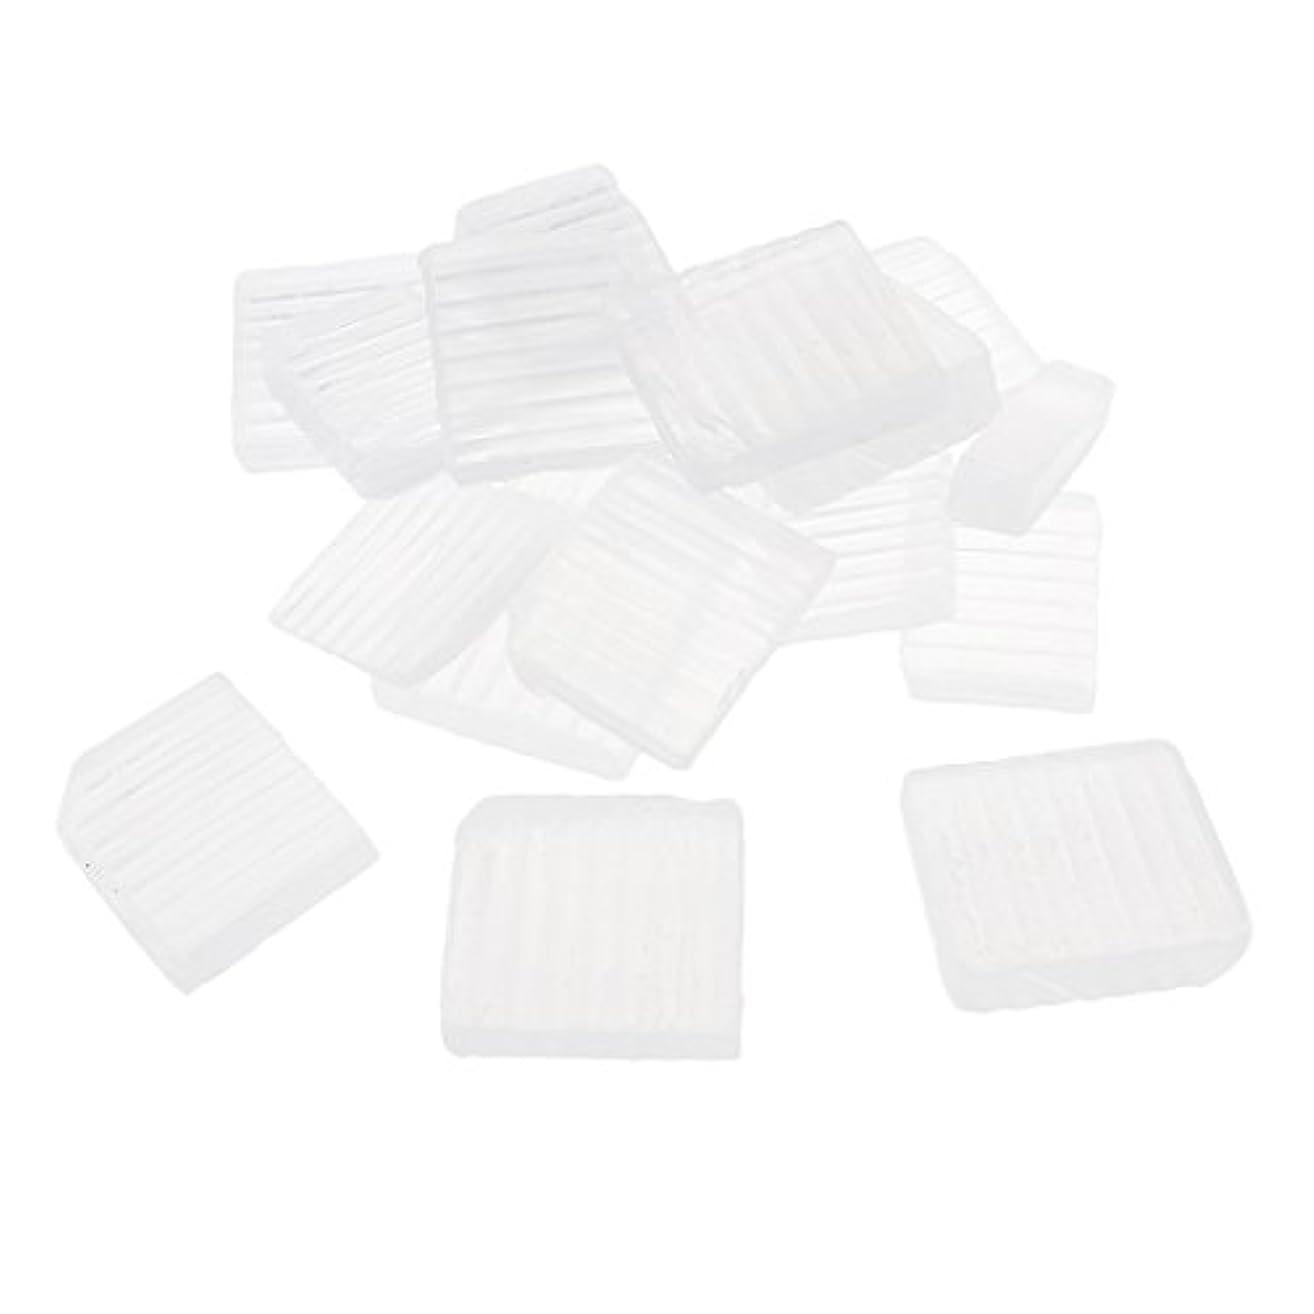 ブラウン仮称つぶす石鹸ベース DIY 石鹸作り プアソープベース 石鹸クラフト 手作り 約1 KG